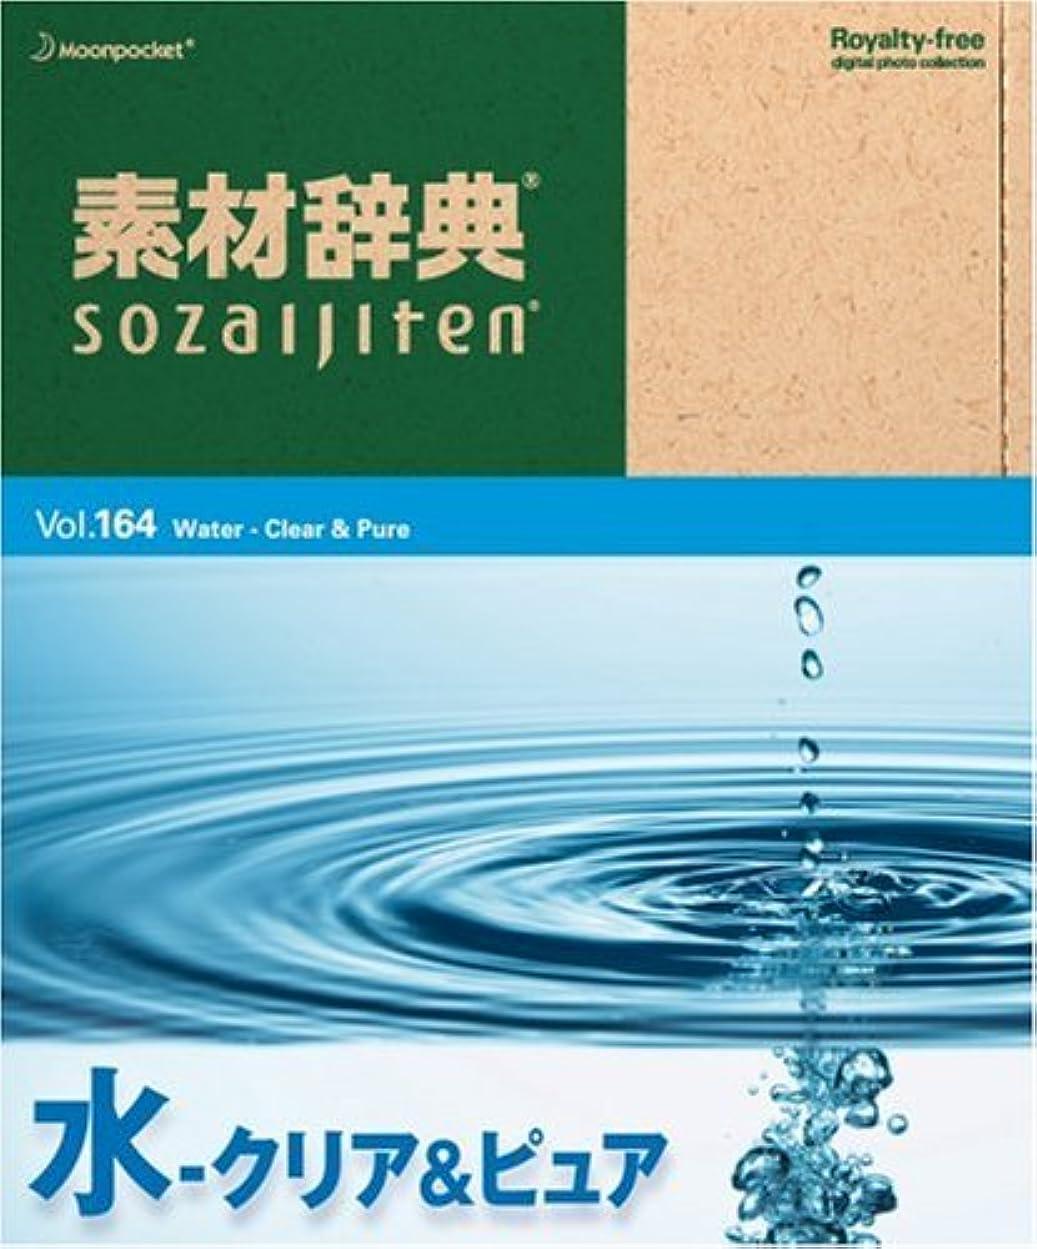 ぐったりレーザ三角形素材辞典 Vol.164 水~クリア&ピュア編